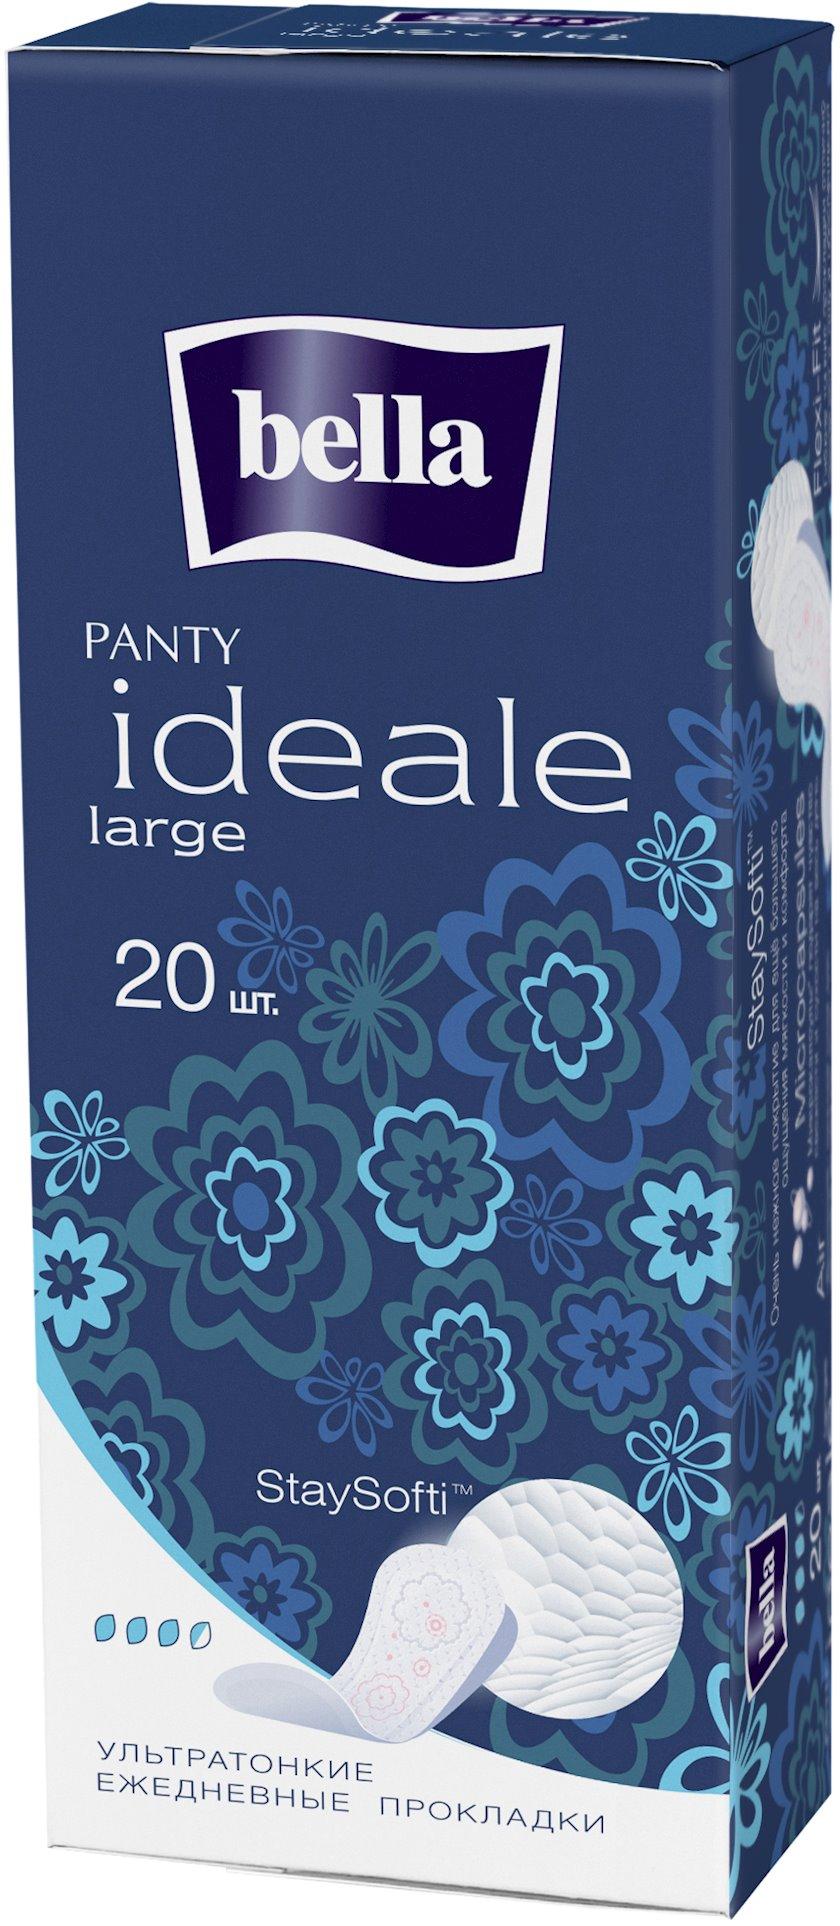 Gigiyenik bezlər Bella Panty Ideale Large 20 əd